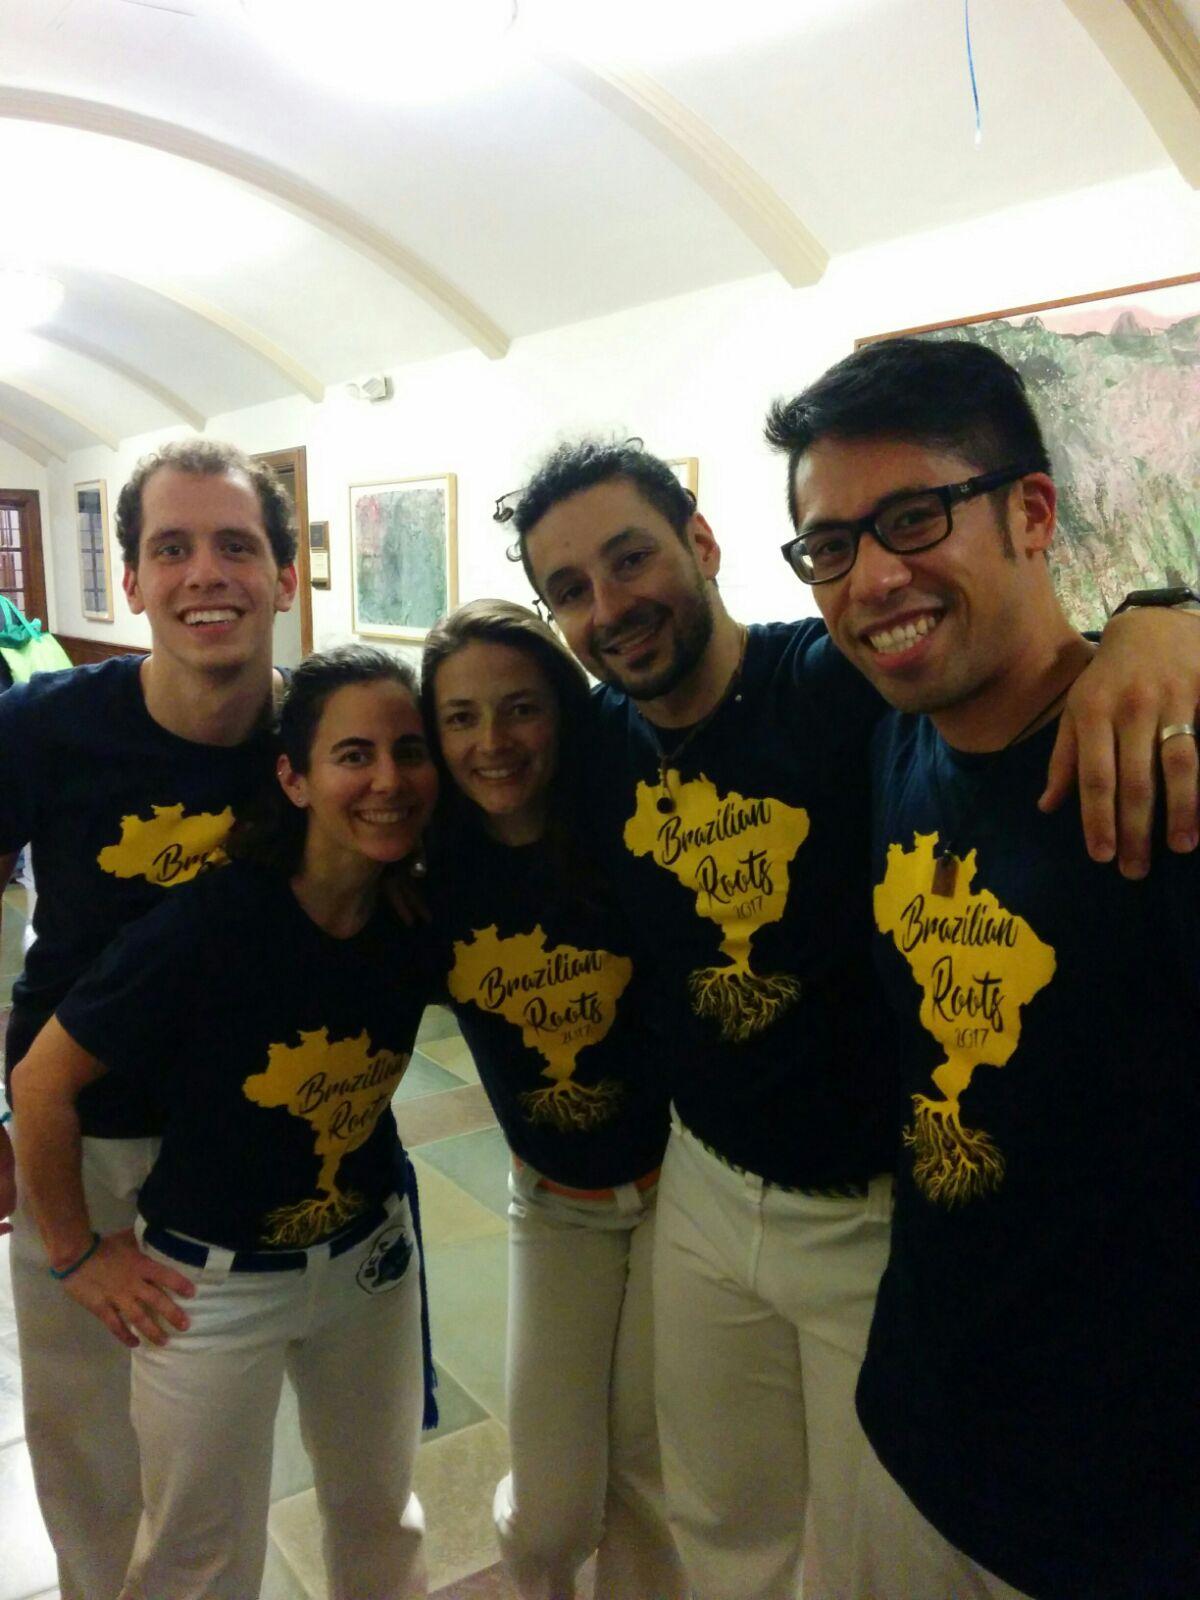 Arrepiado, Fantasma, and our extend family members, Gogó de Ouro and Metralha, with Contra Mestre Lobinho in Michigan